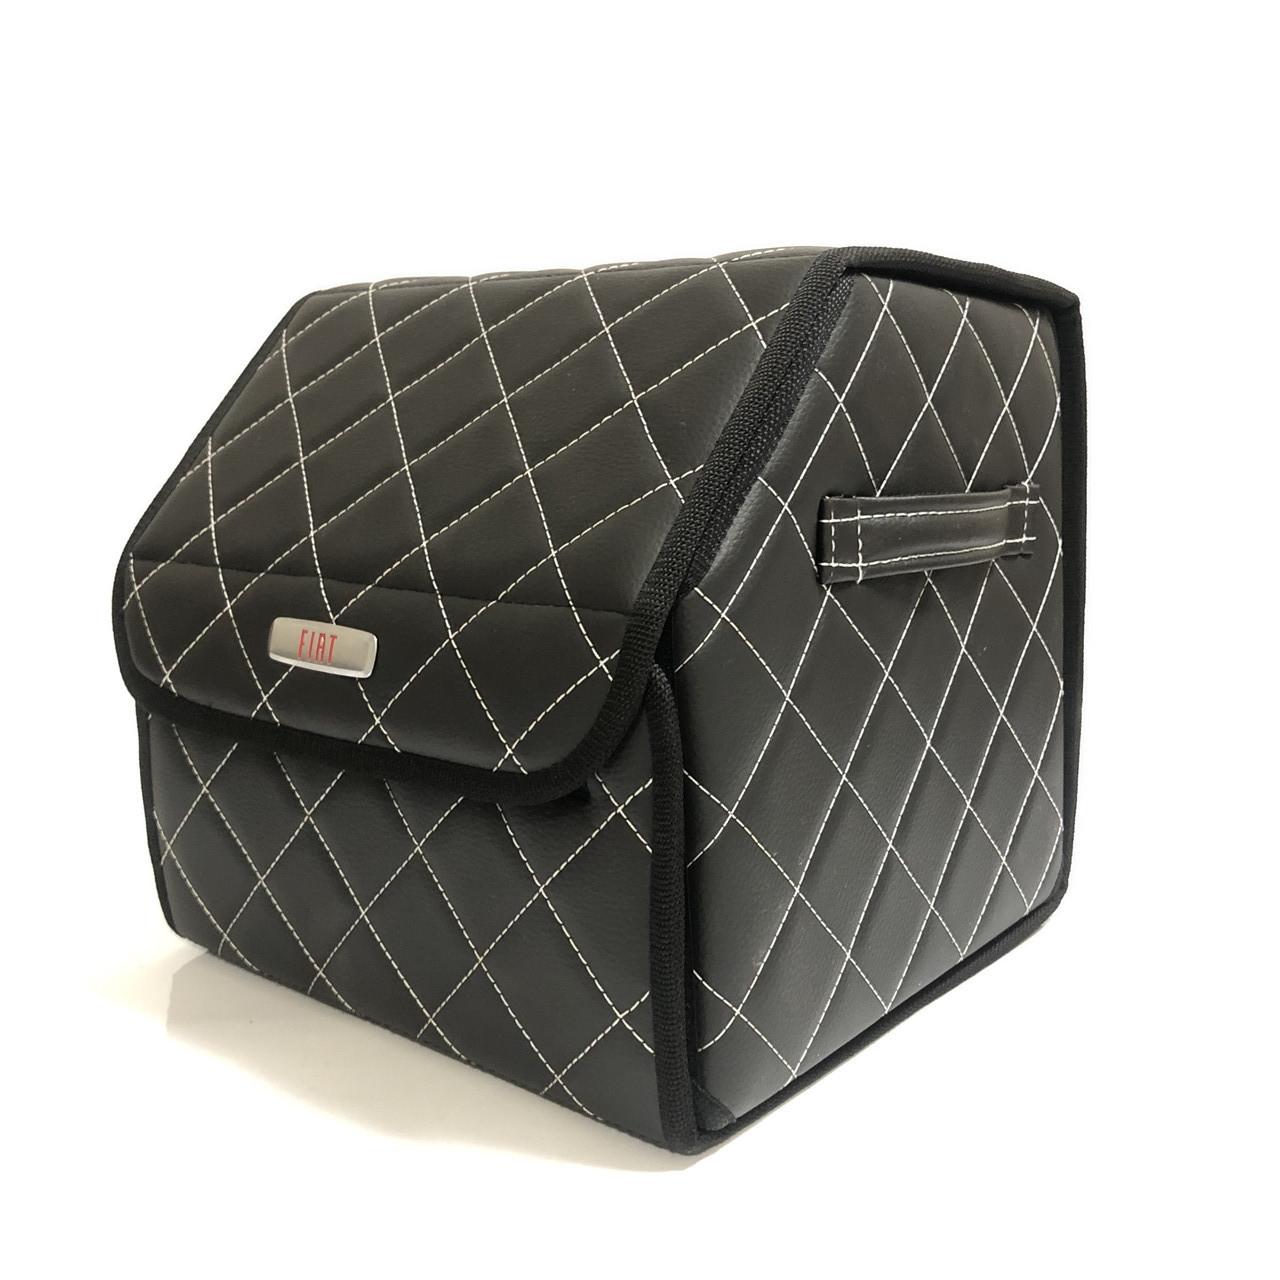 Саквояж с лого в багажник «Fiat» I Органайзер в авто черный Фиат